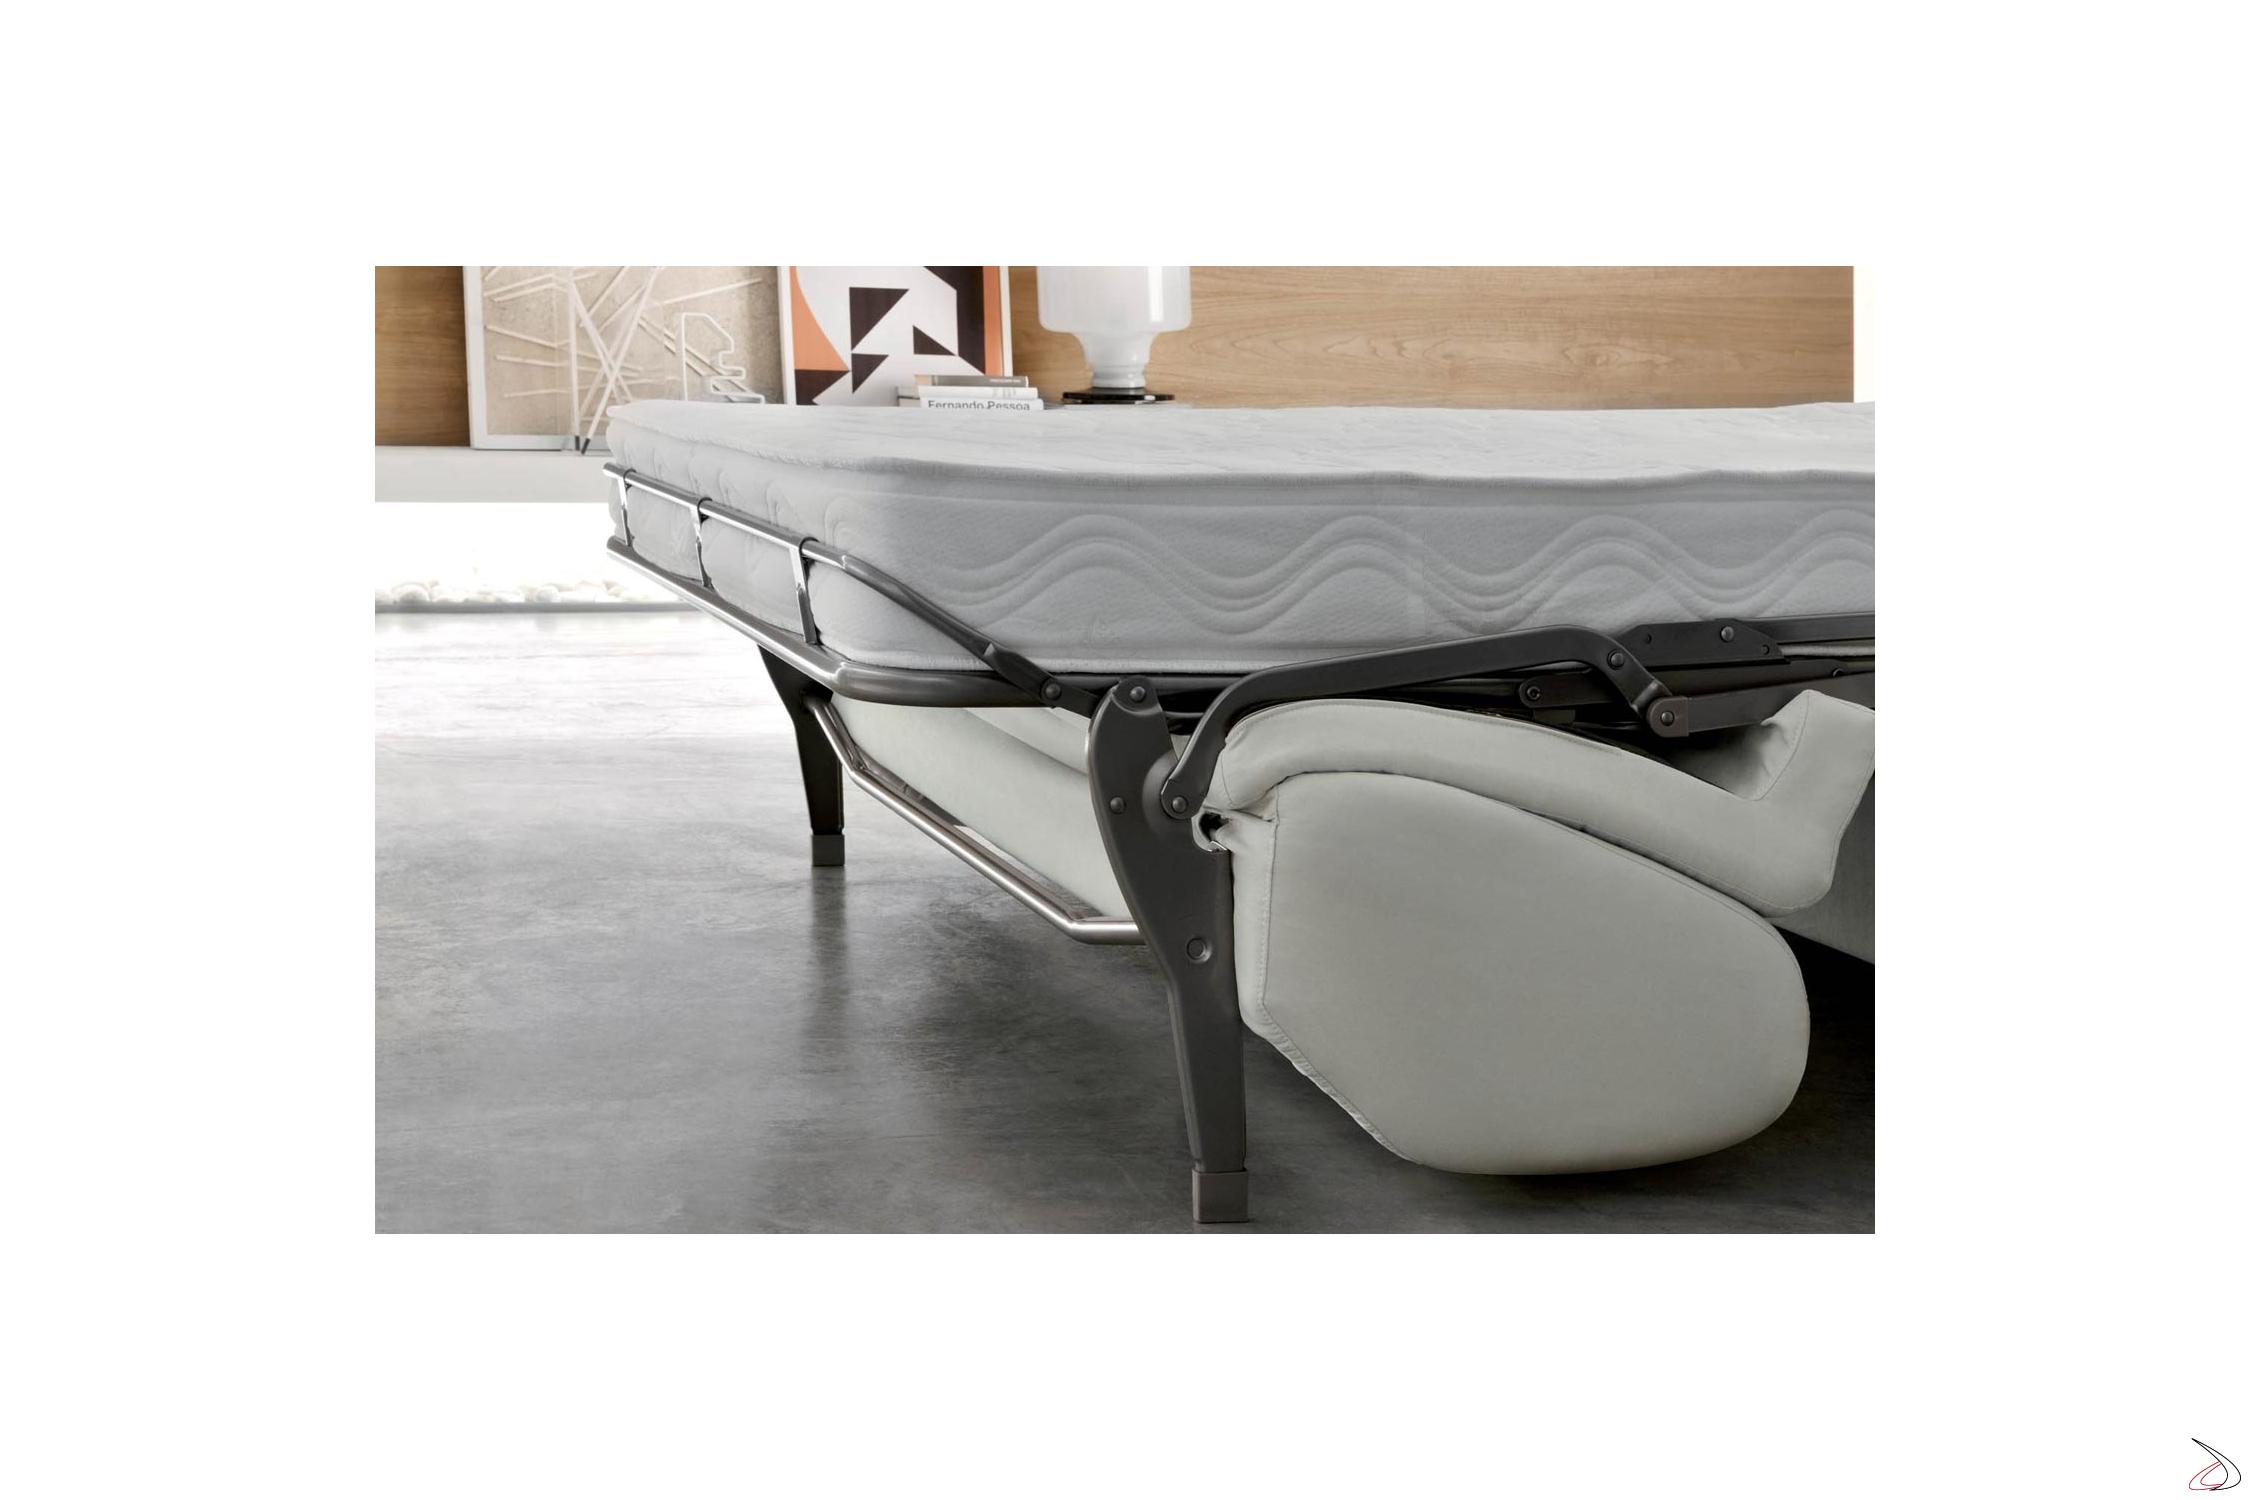 Divano Letto Con Rete Elettrosaldata.Modern Pechino 3 Seater Sofa Bed Toparredi Arredo Design Online